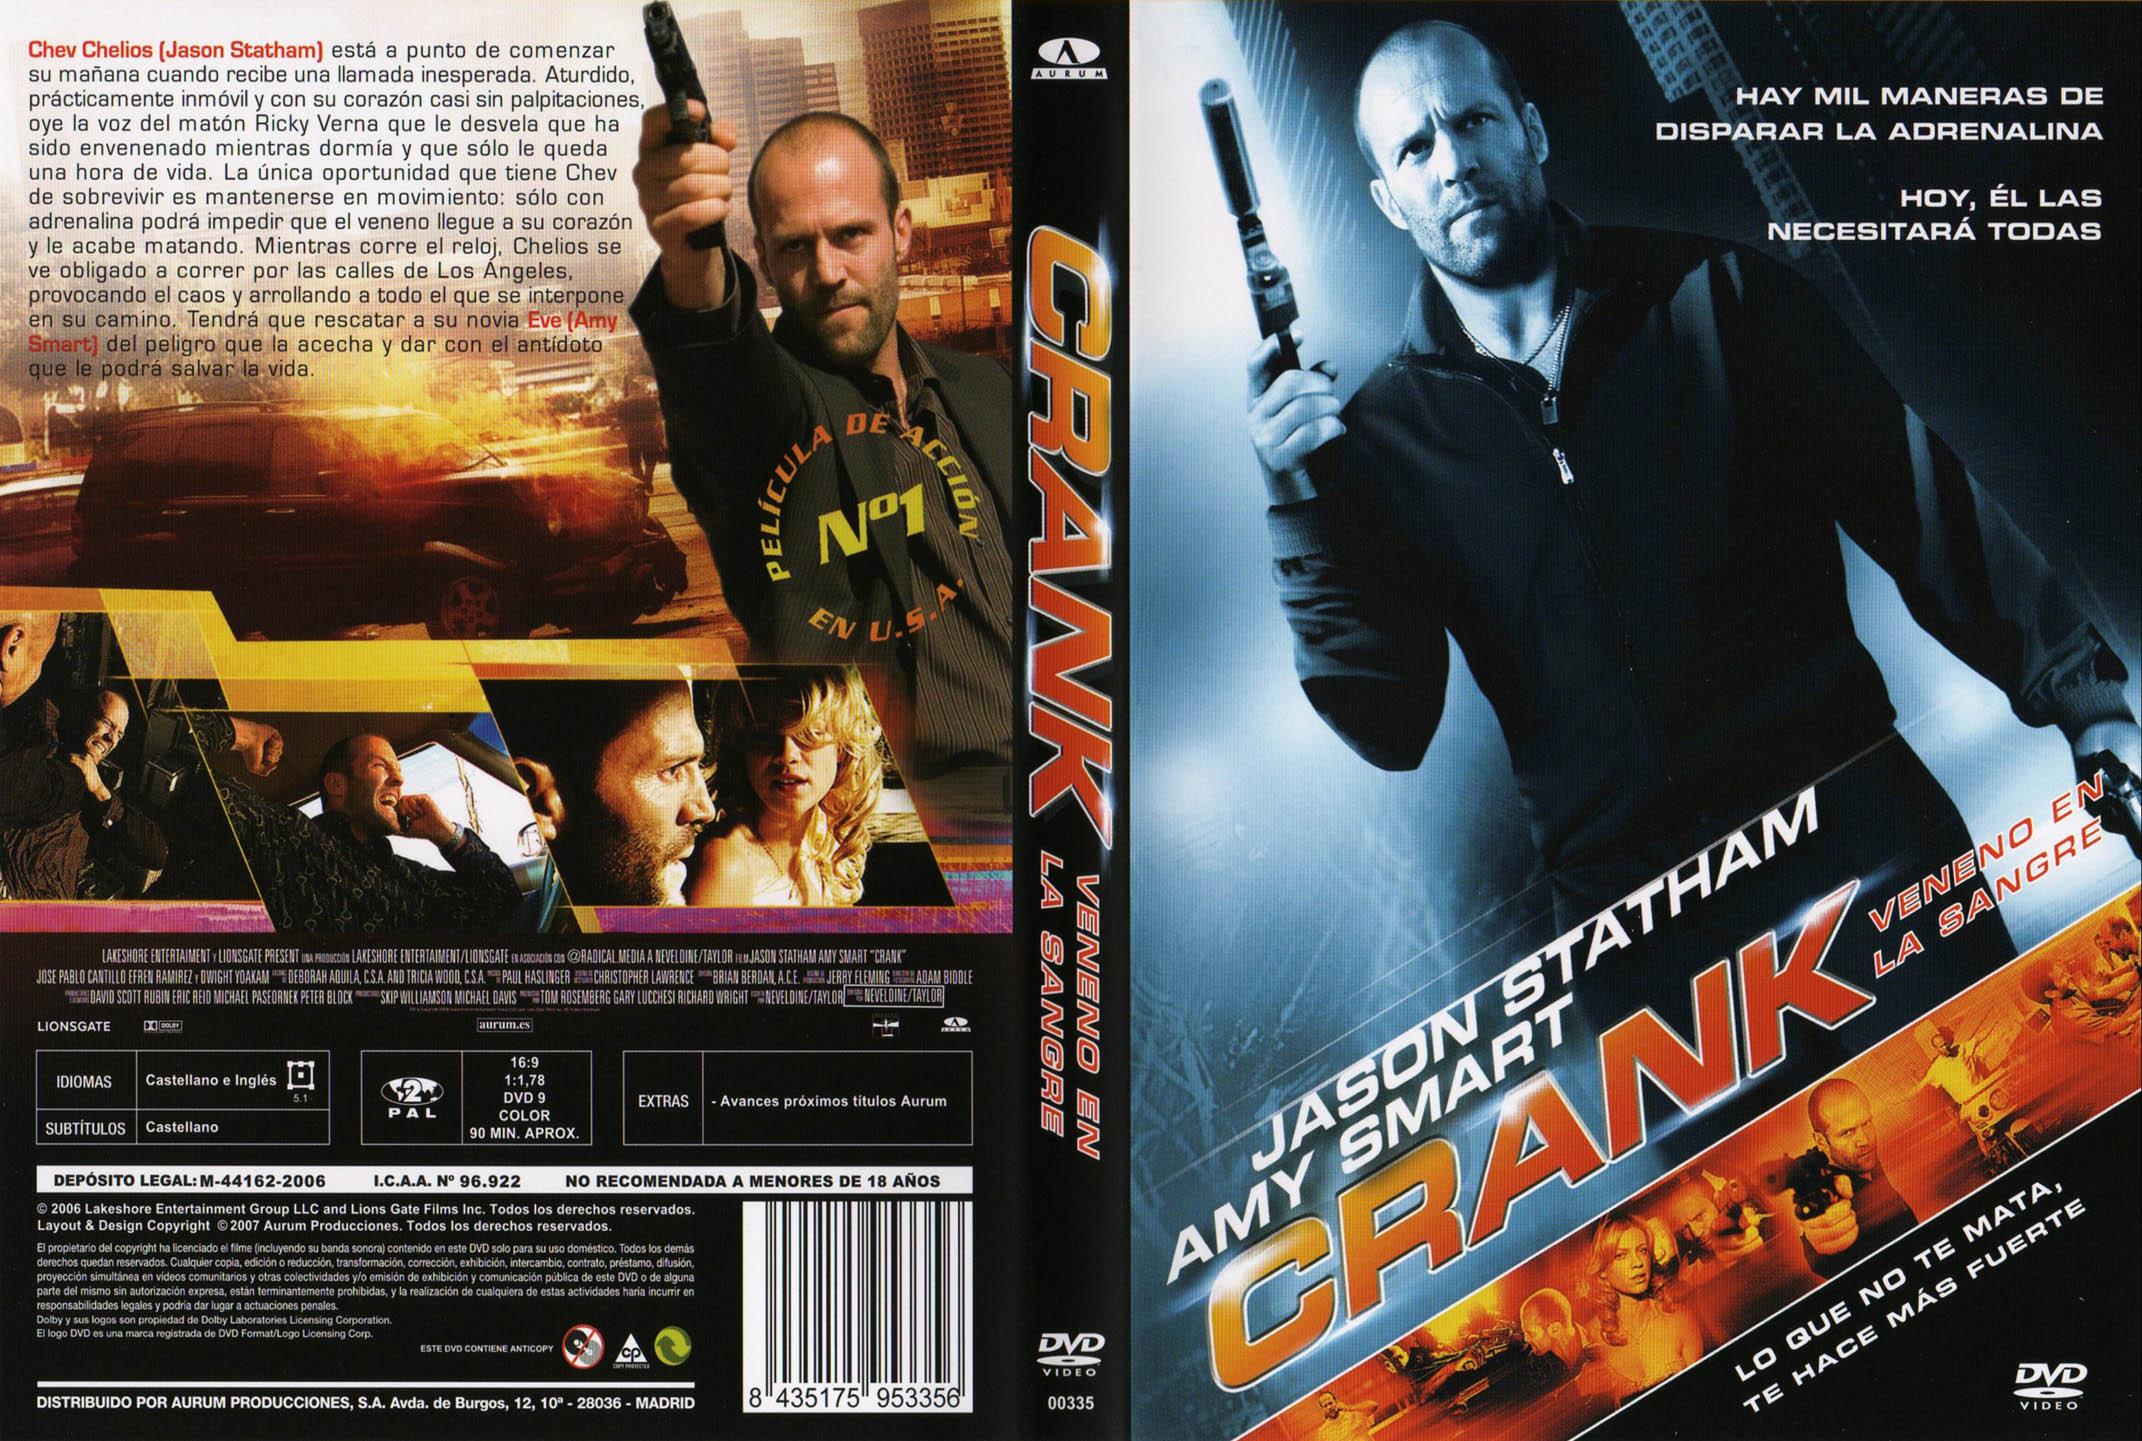 Crank 1 (2006) [Dvdrip Latino] [Zippyshare]